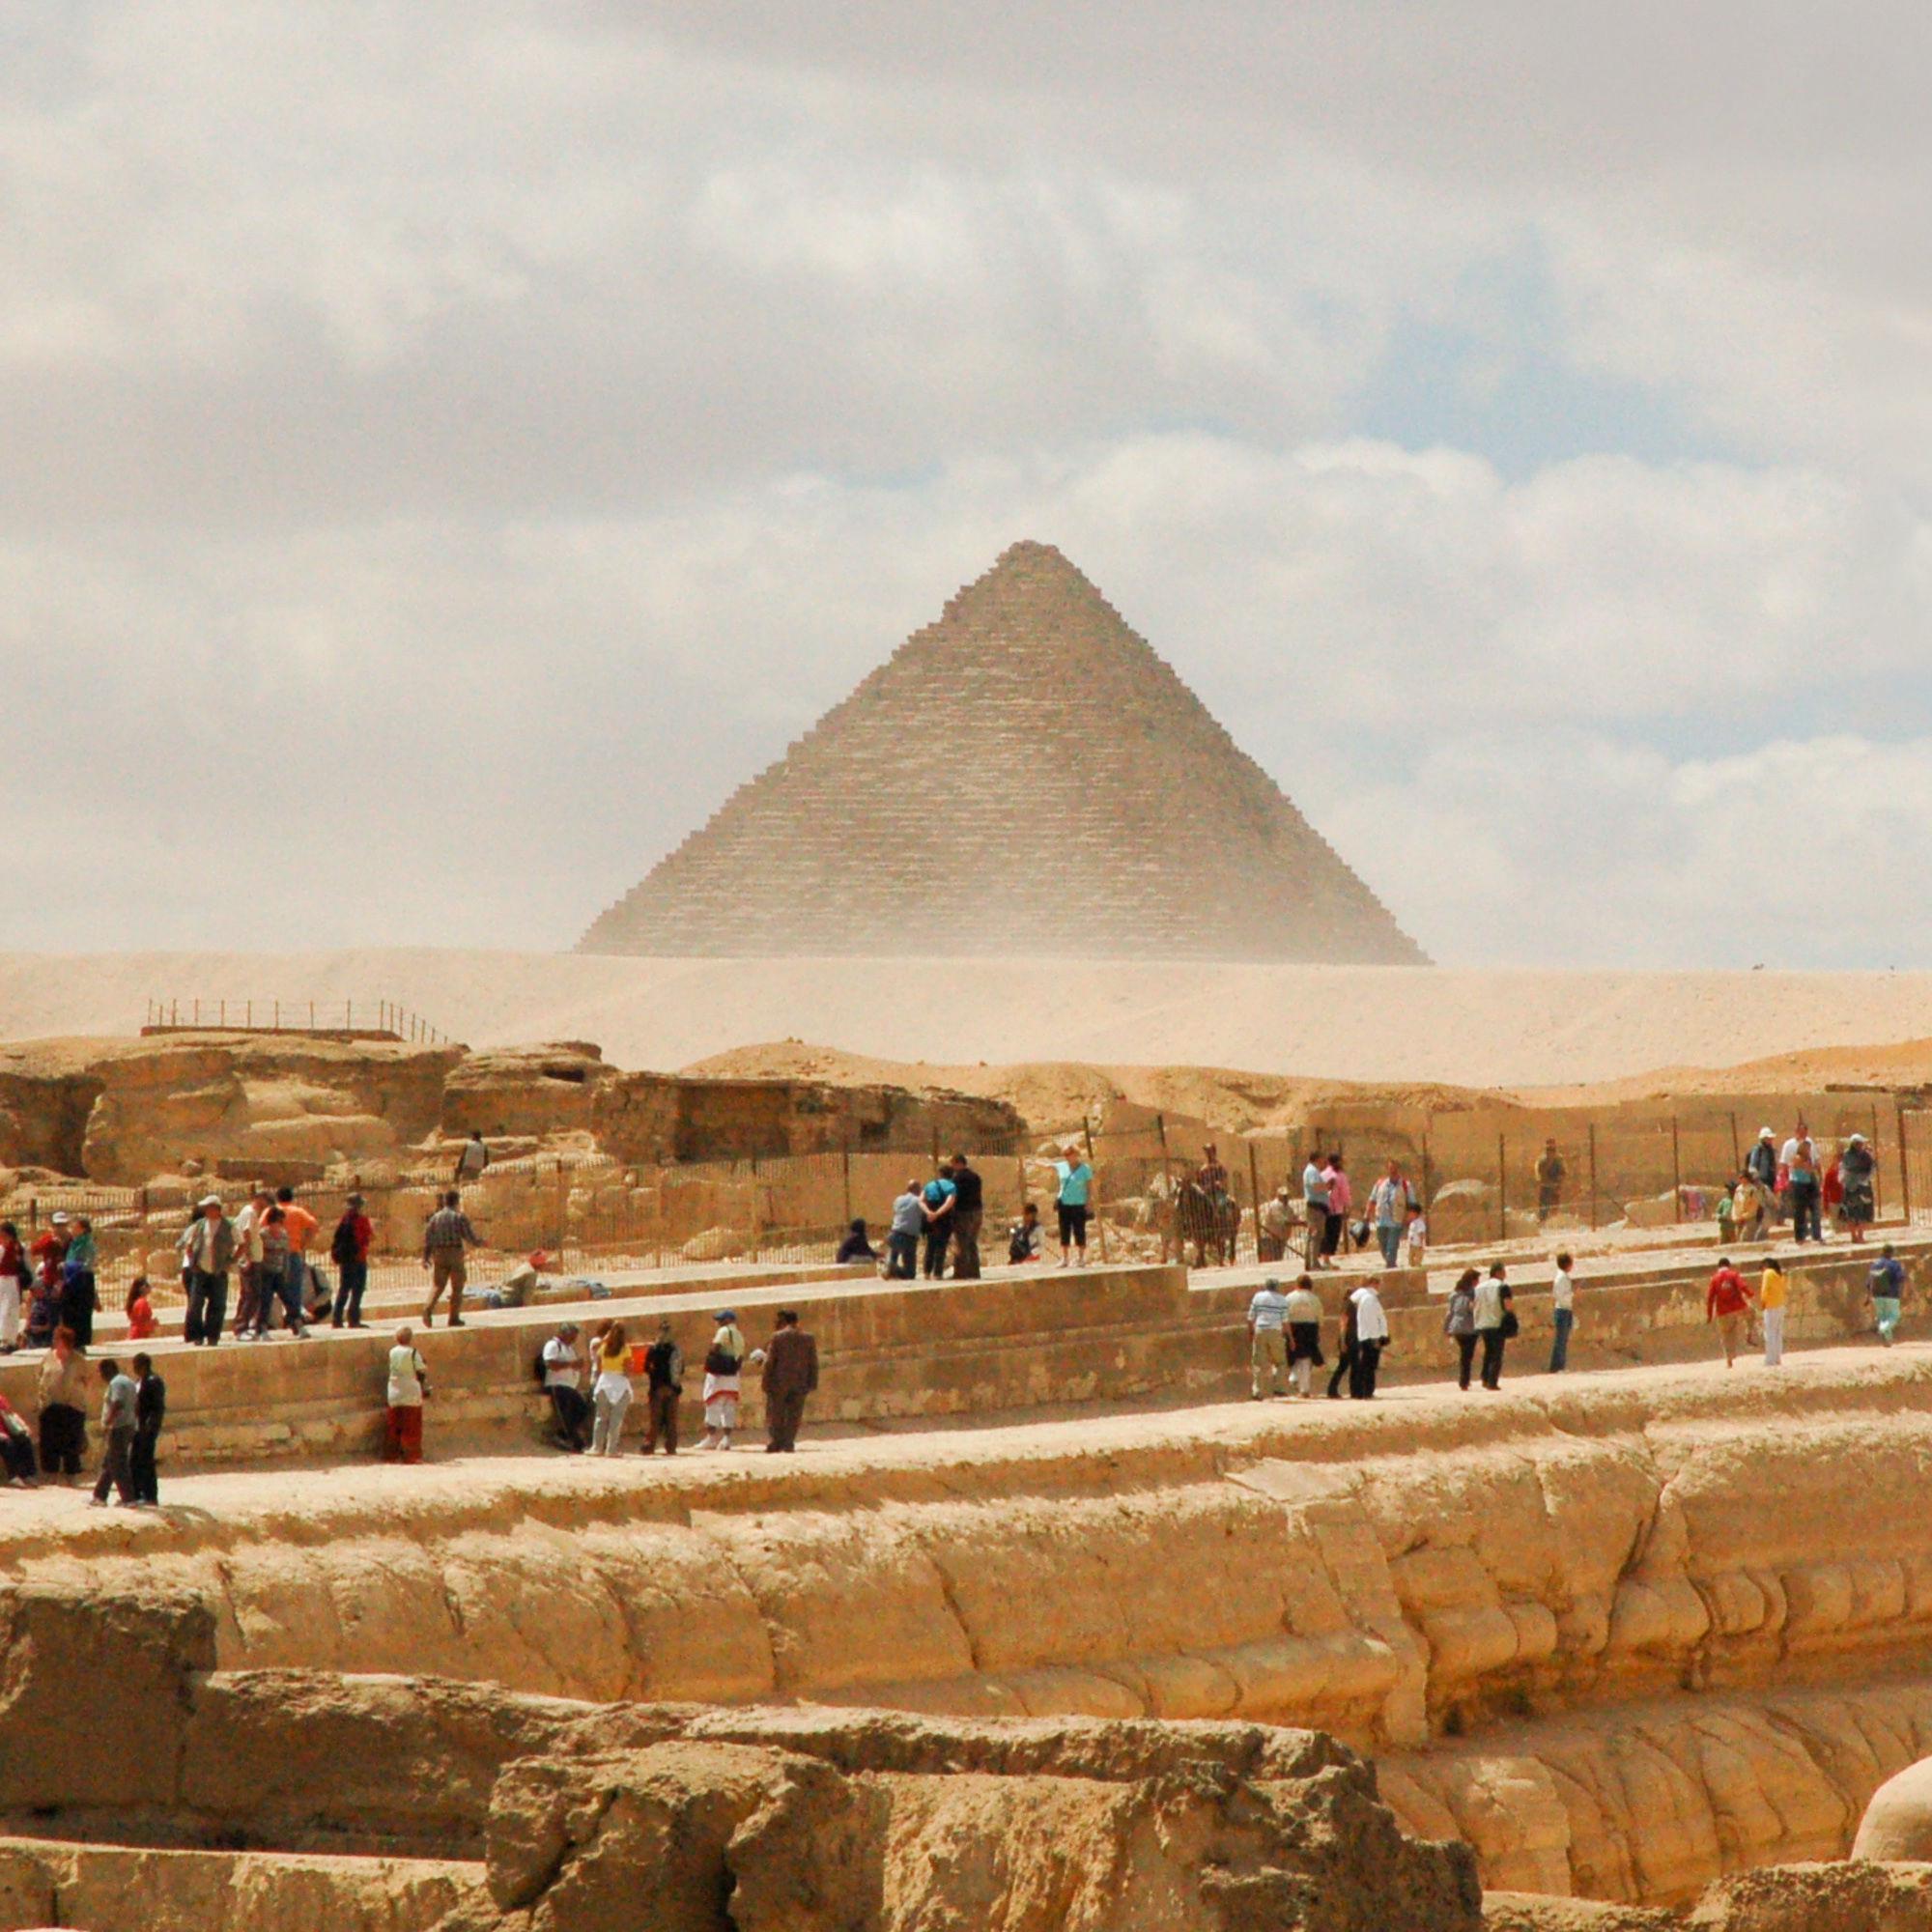 Egypt vmfkxo